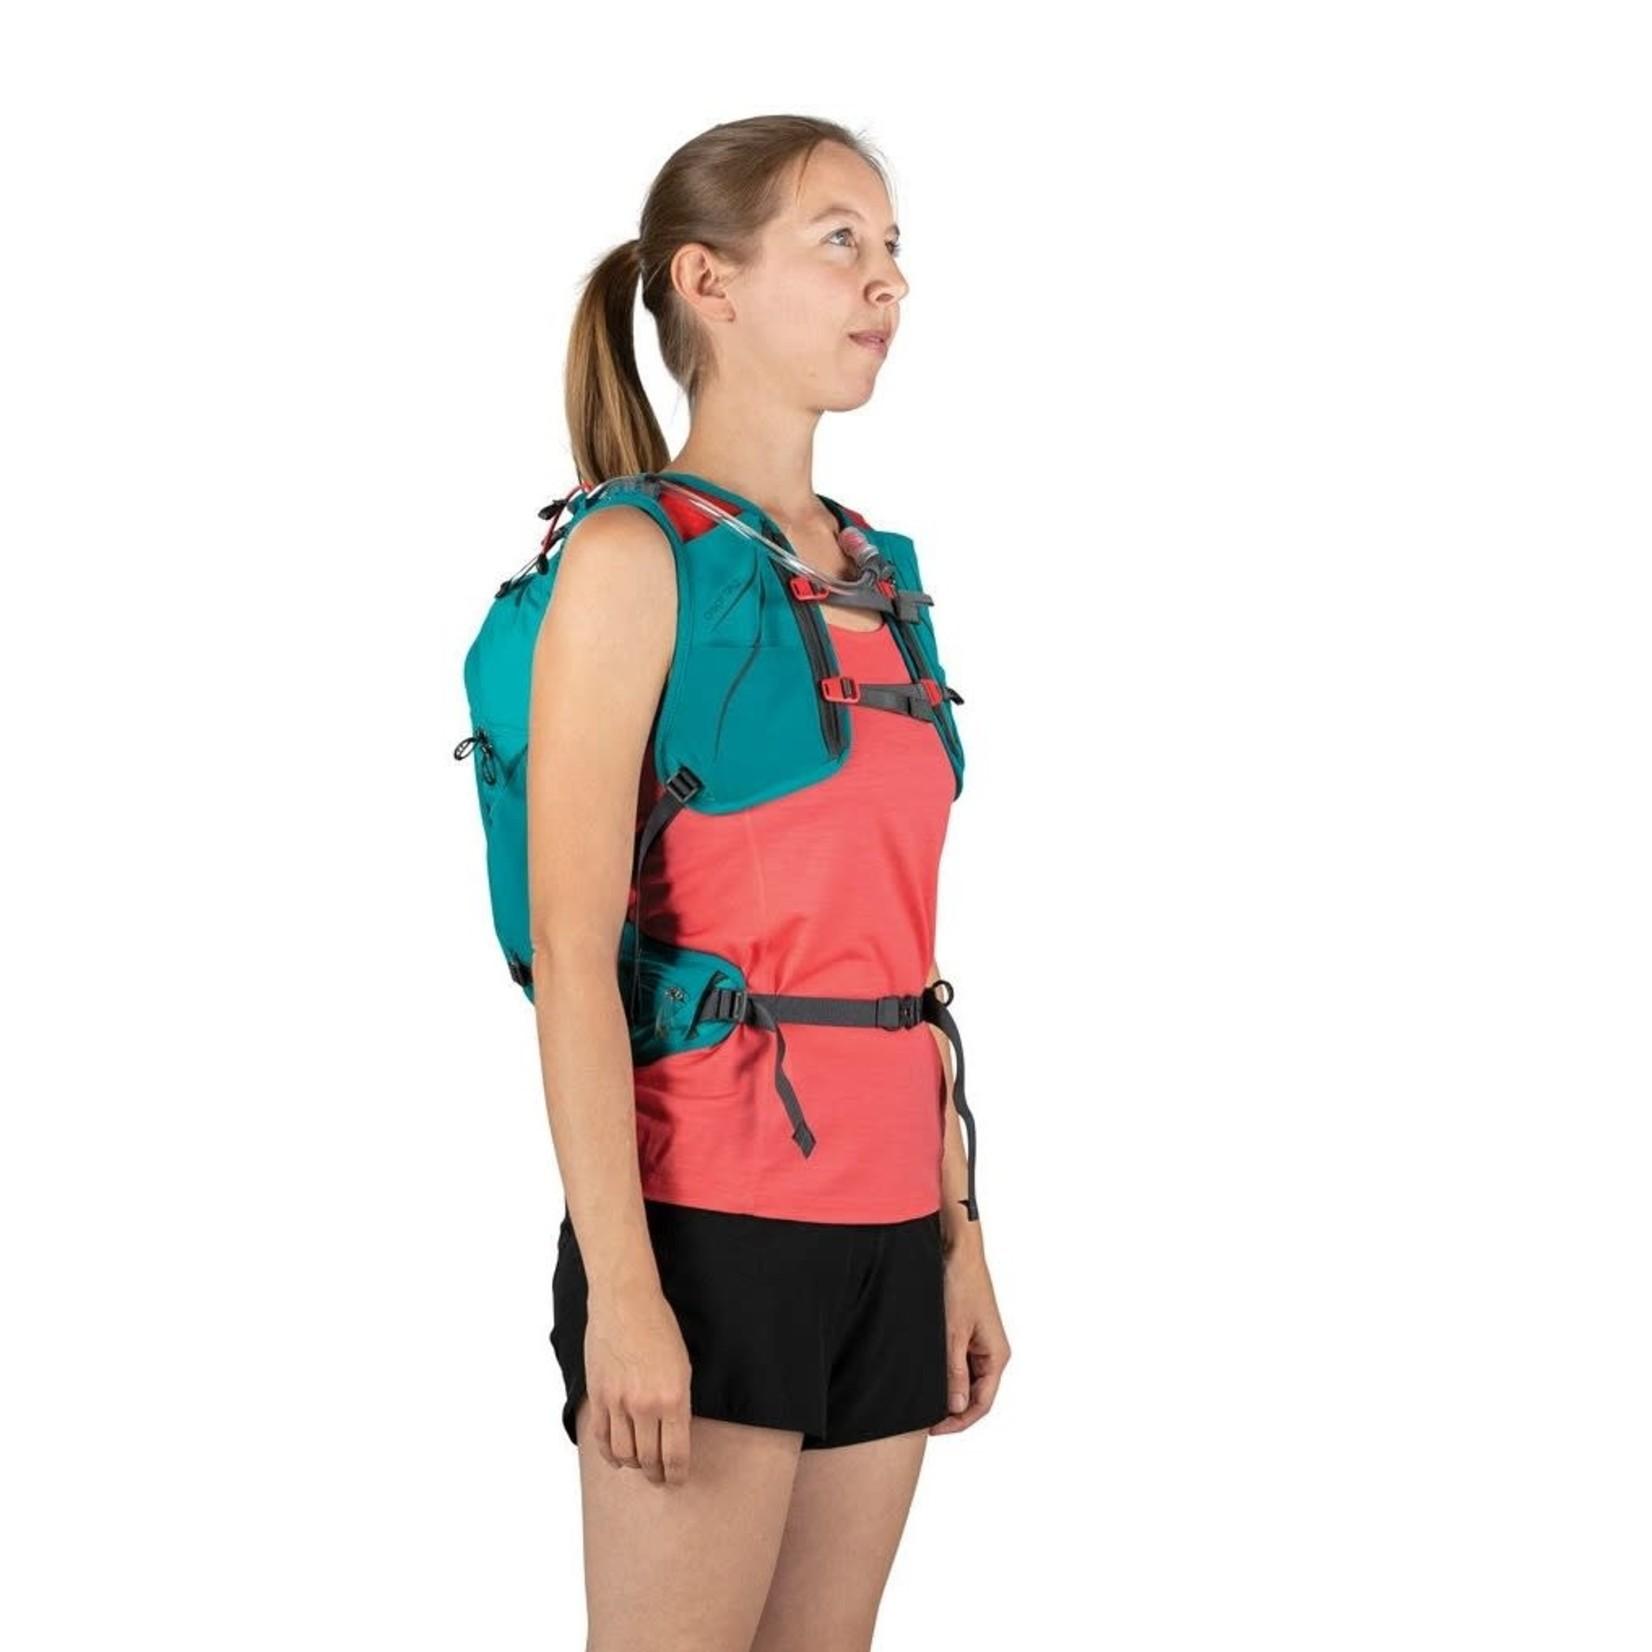 Osprey Osprey Dyna 15 Running Vest - Women